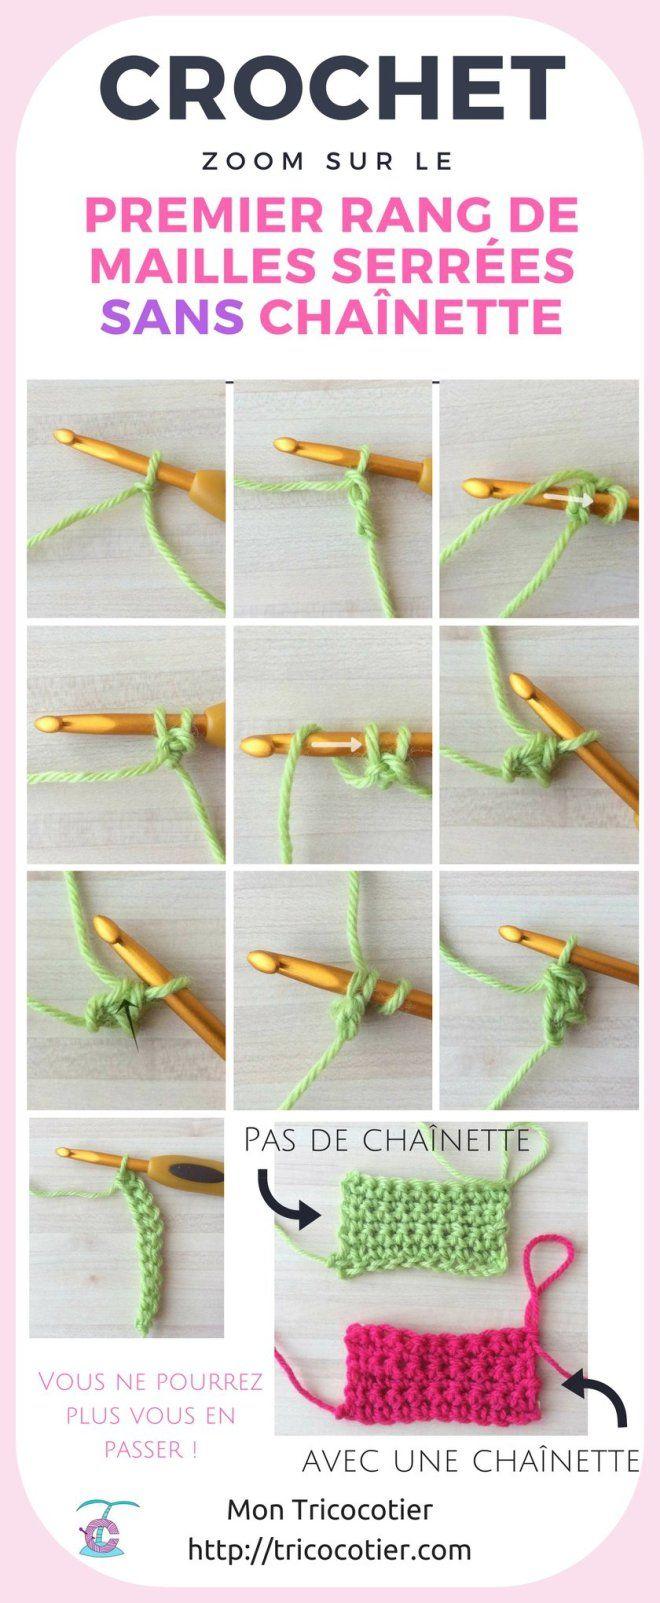 Comment faire sur le premier rang de mailles serrées sans chaînette ? – Tricot crochet couture, modèles gratuits